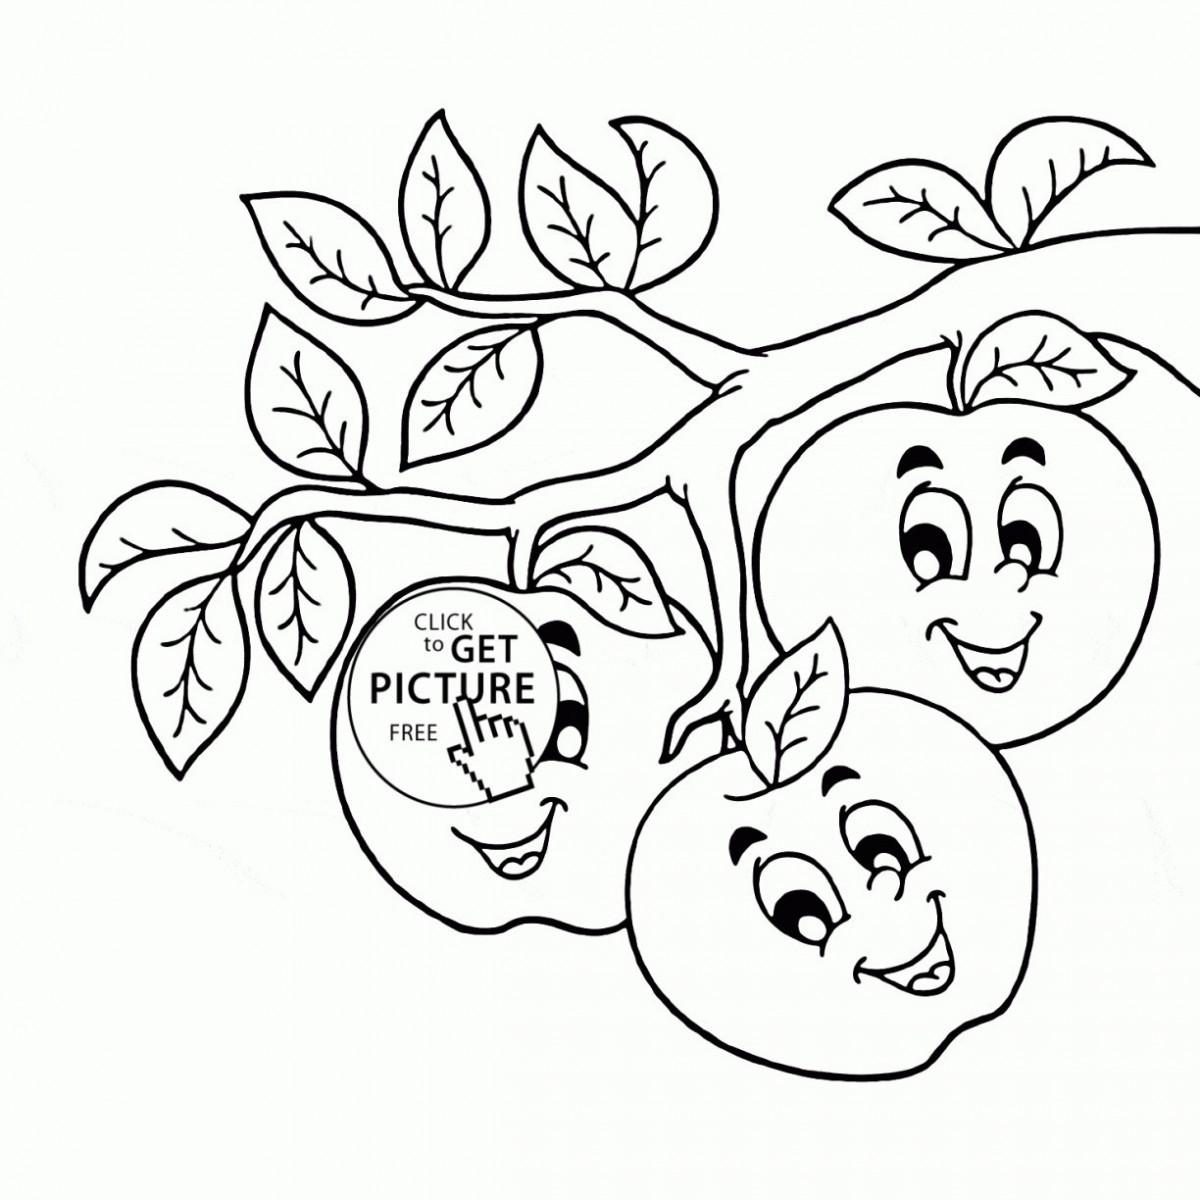 Tổng hợp những bức tranh tô màu quả cam đẹp nhất cho bé 1